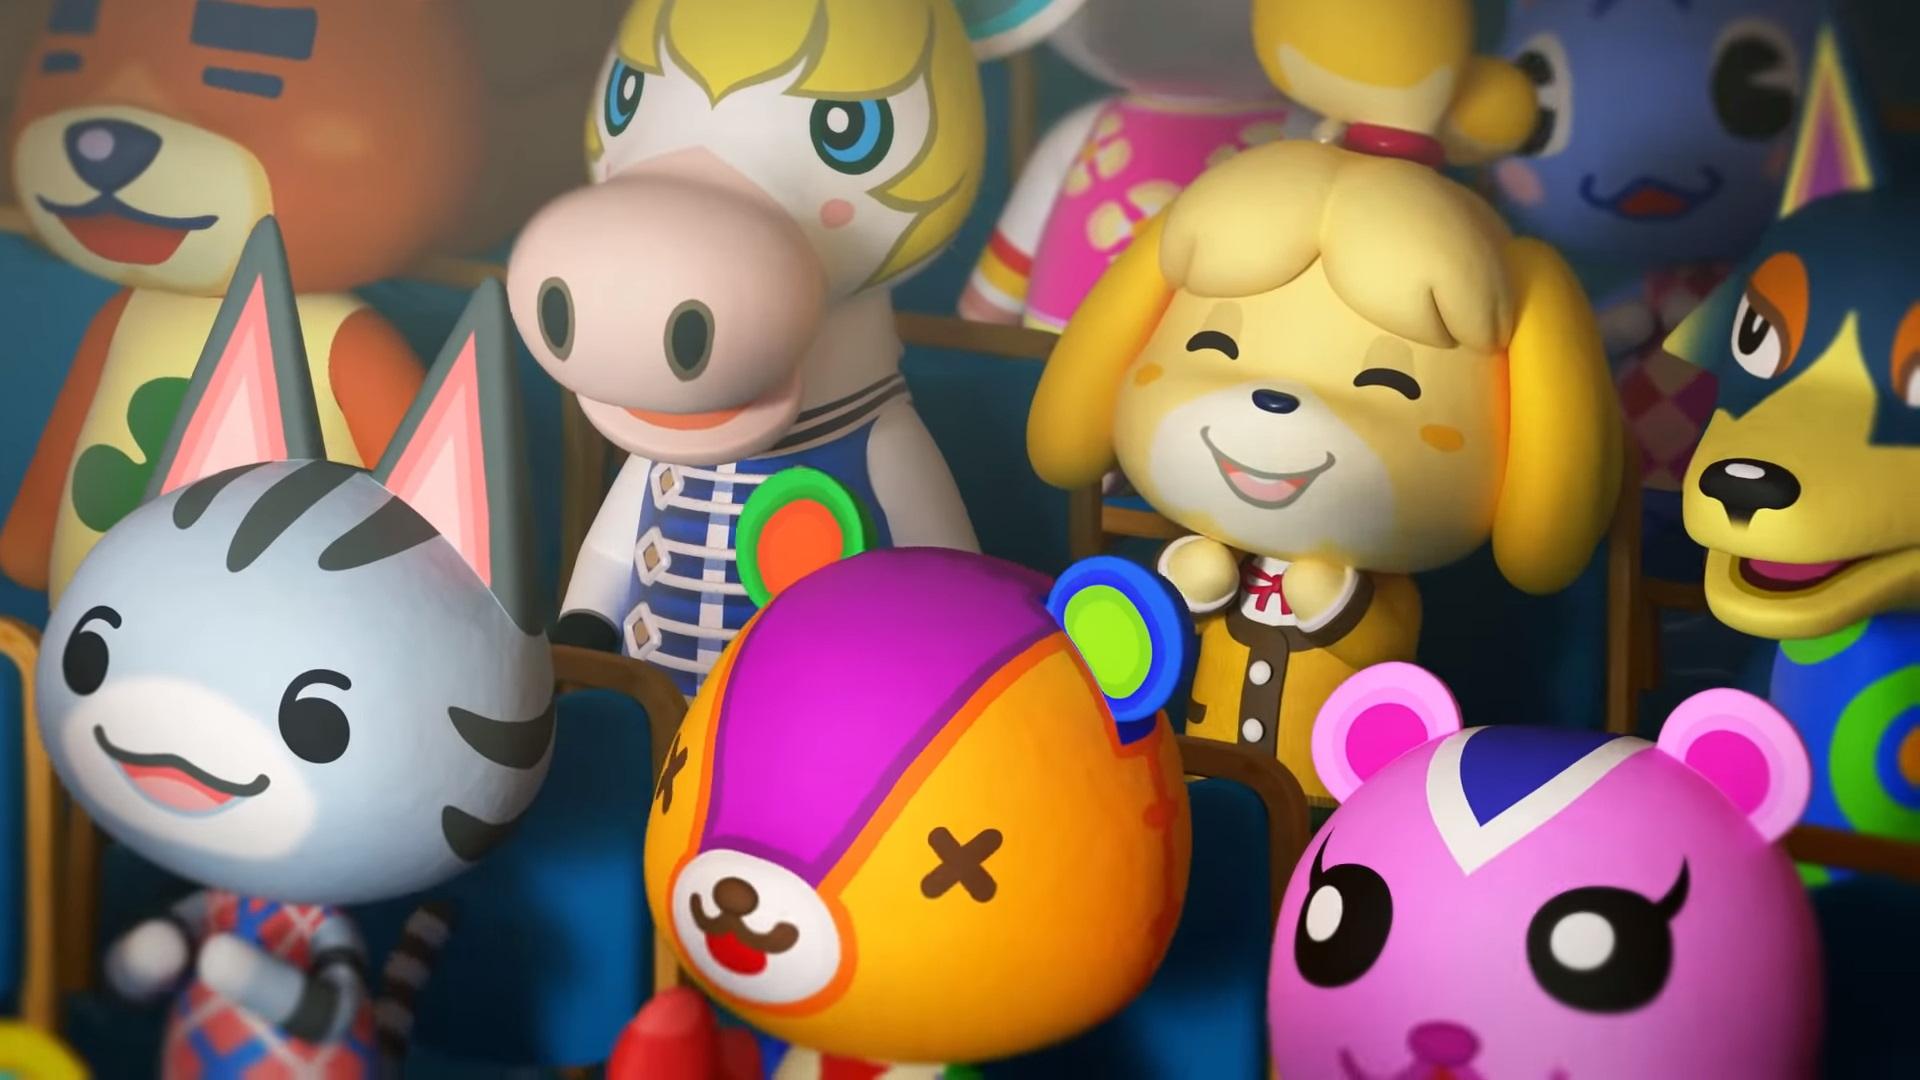 Animal Crossing: New Horizons First-Week Sales GEO Japan